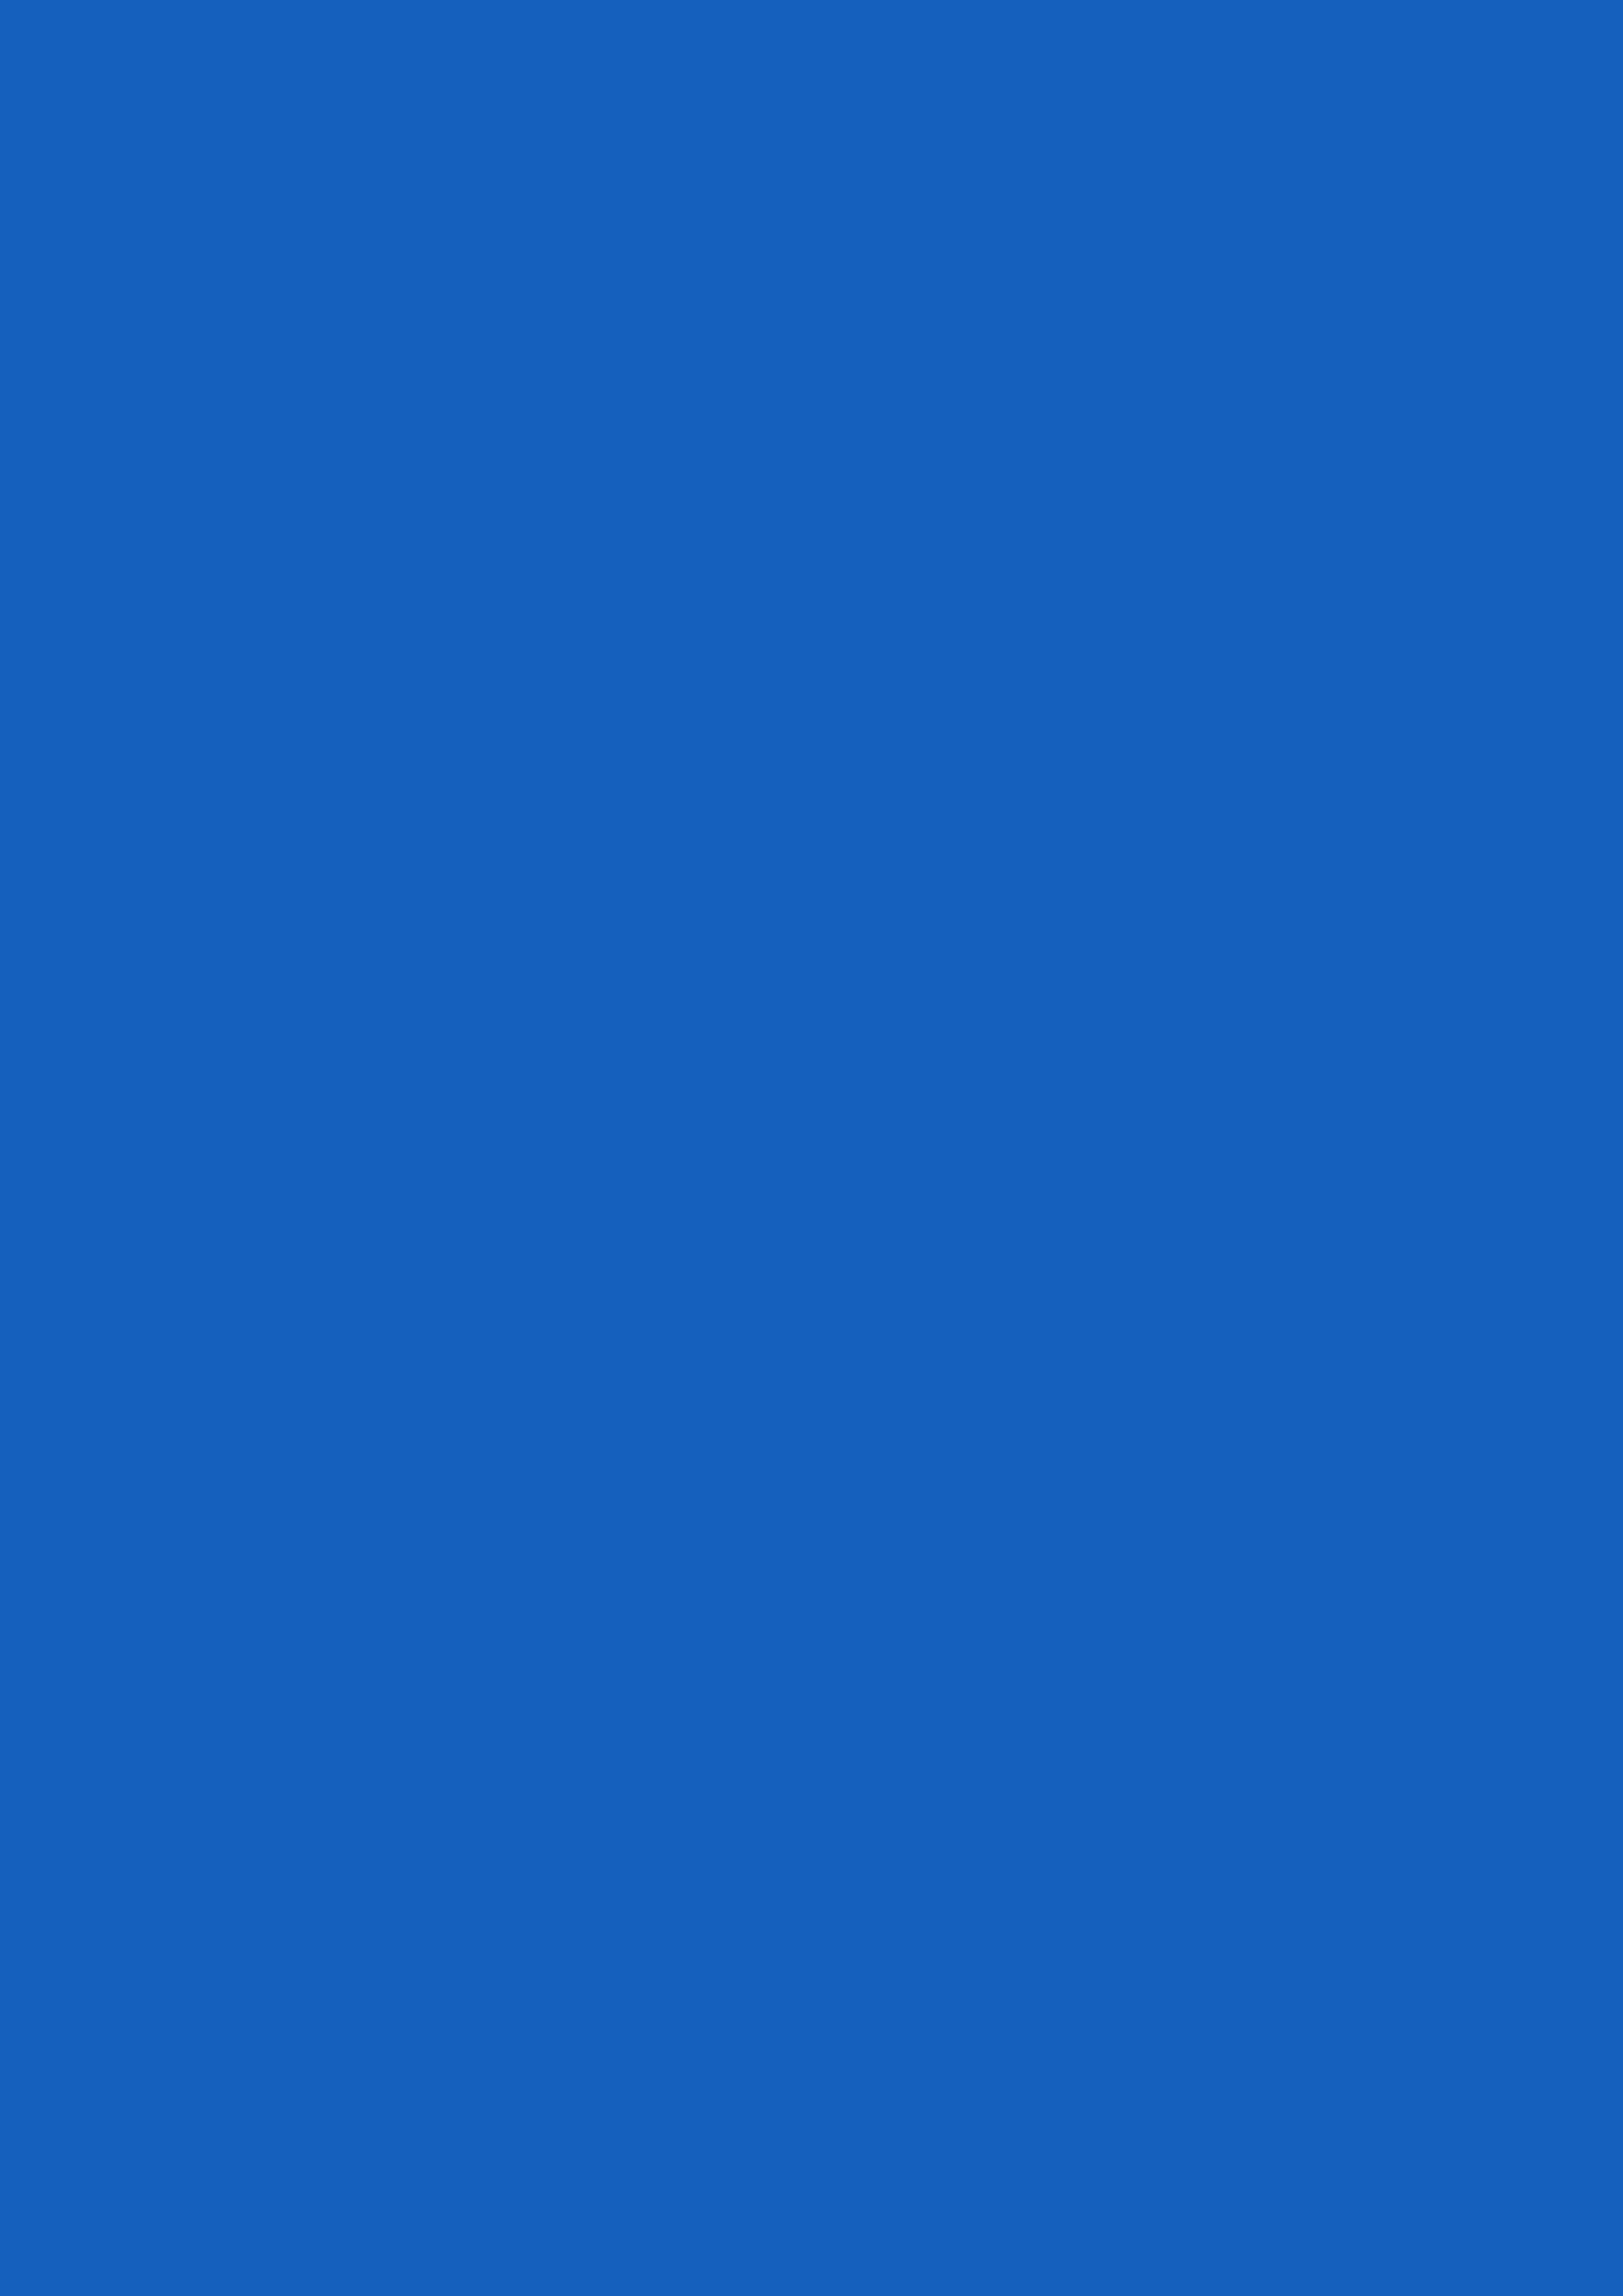 2480x3508 Denim Solid Color Background